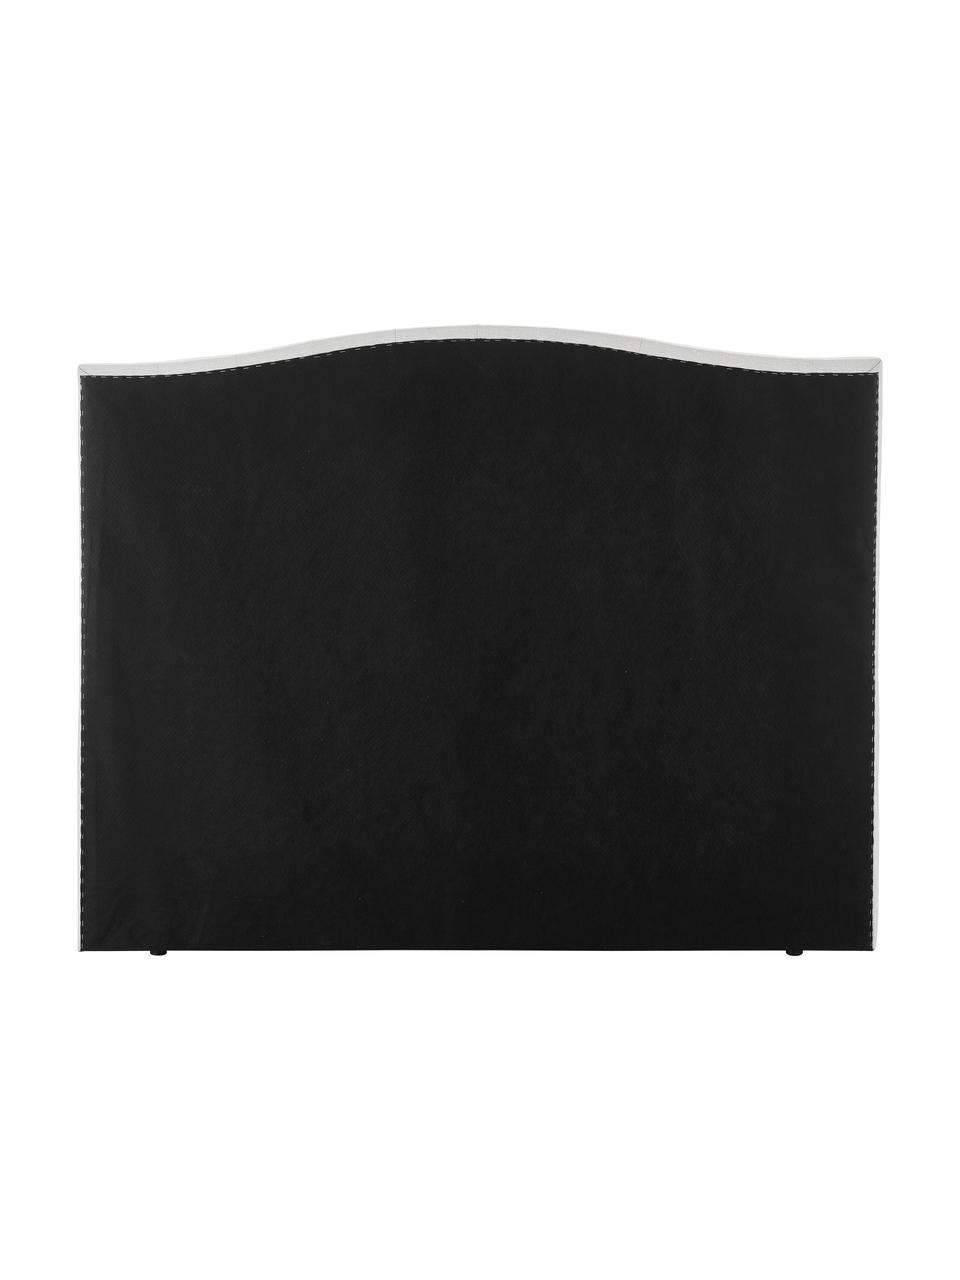 Premium Boxspringbett Royal in Weiß-Grau, Matratze: 5-Zonen-Taschenfederkern, Füße: Massives Birkenholz, lack, Webstoff Weiß-Grau, 200 x 200 cm